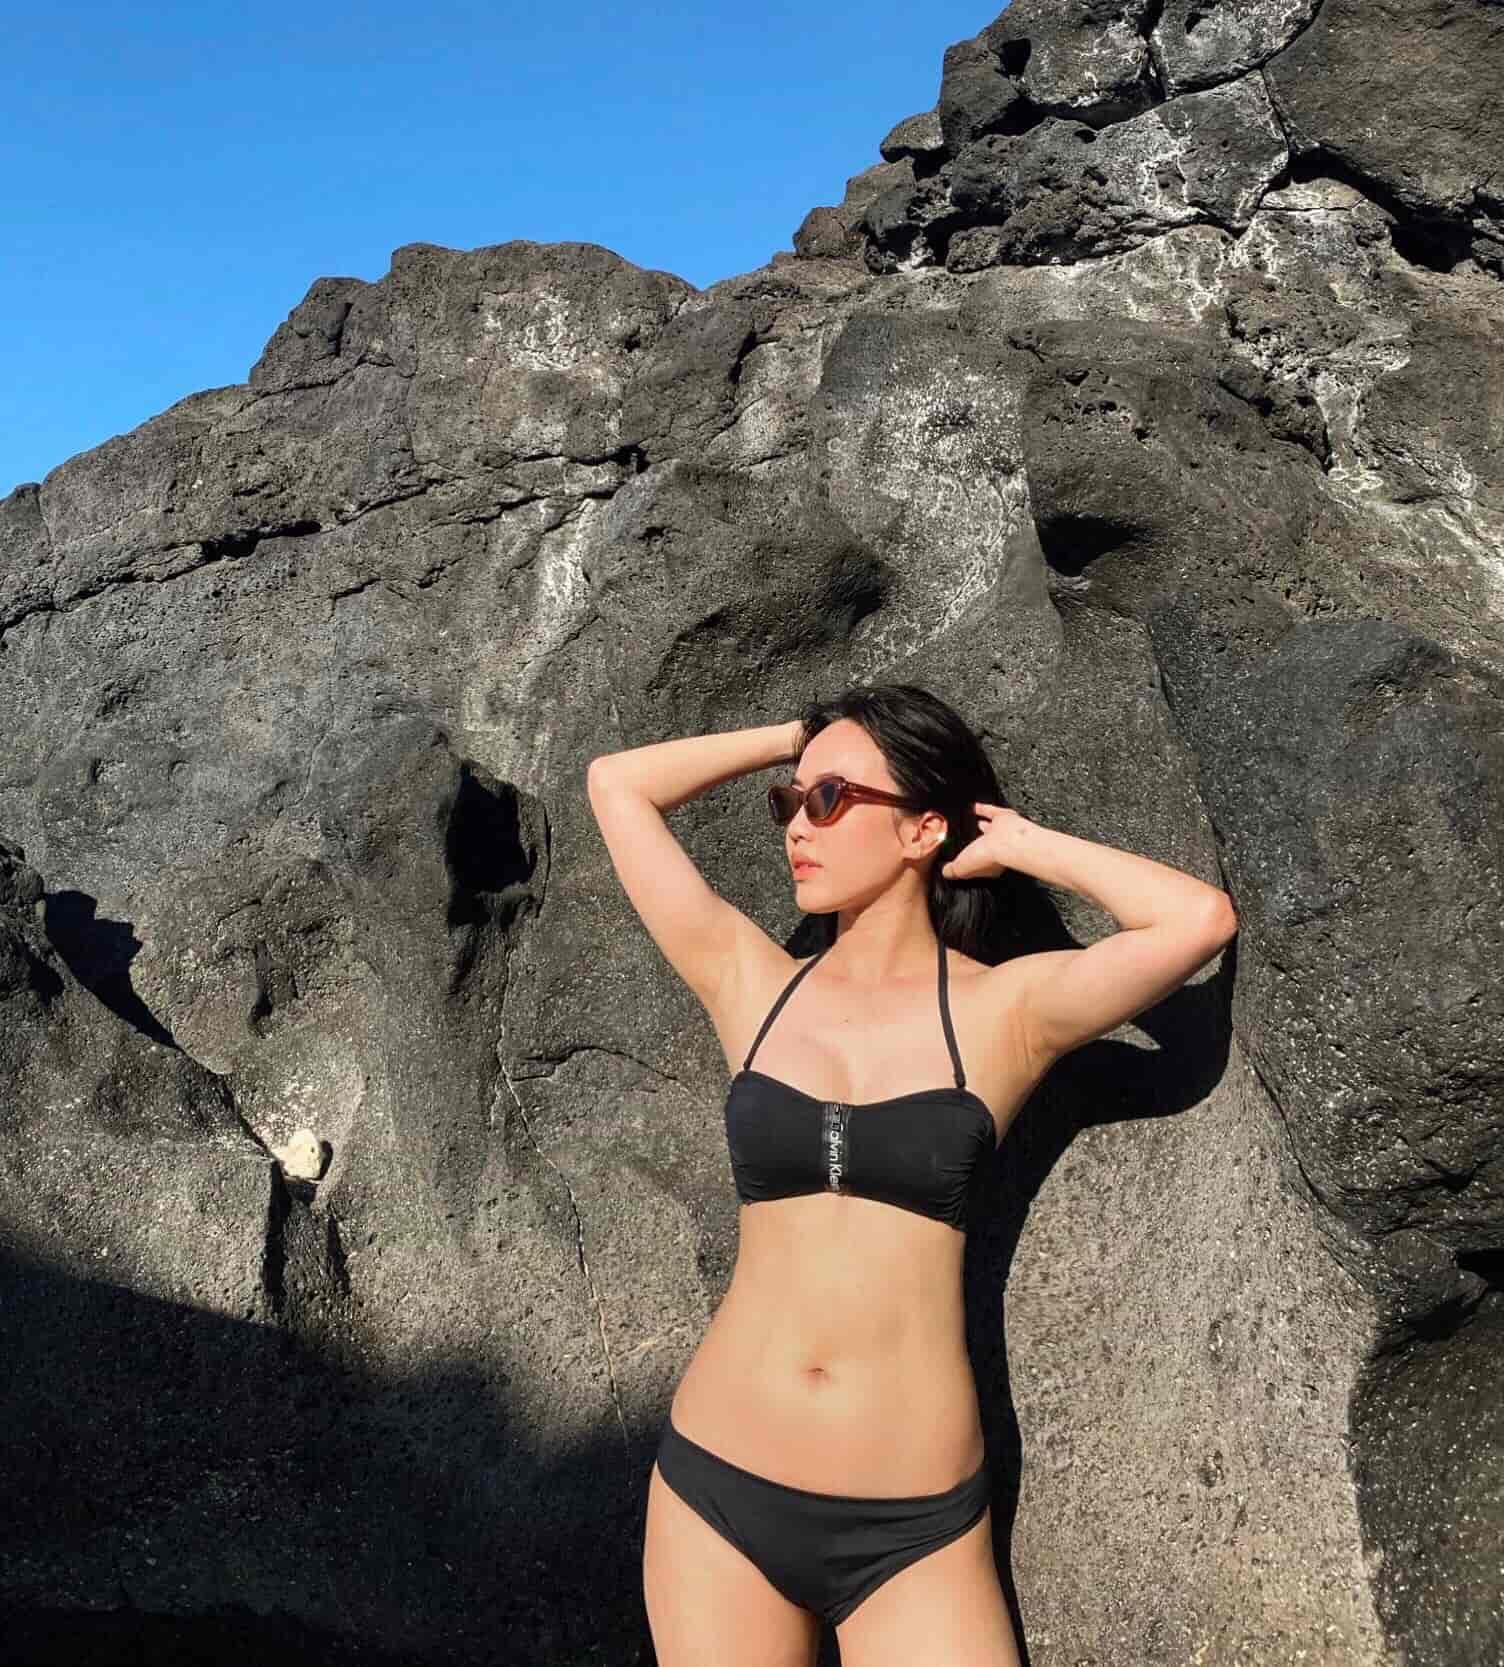 Phục thù sau 5 năm bị chê dáng đô: Diệu Nhi tự tin diện bikini khoe eo siêu nhỏ - 5